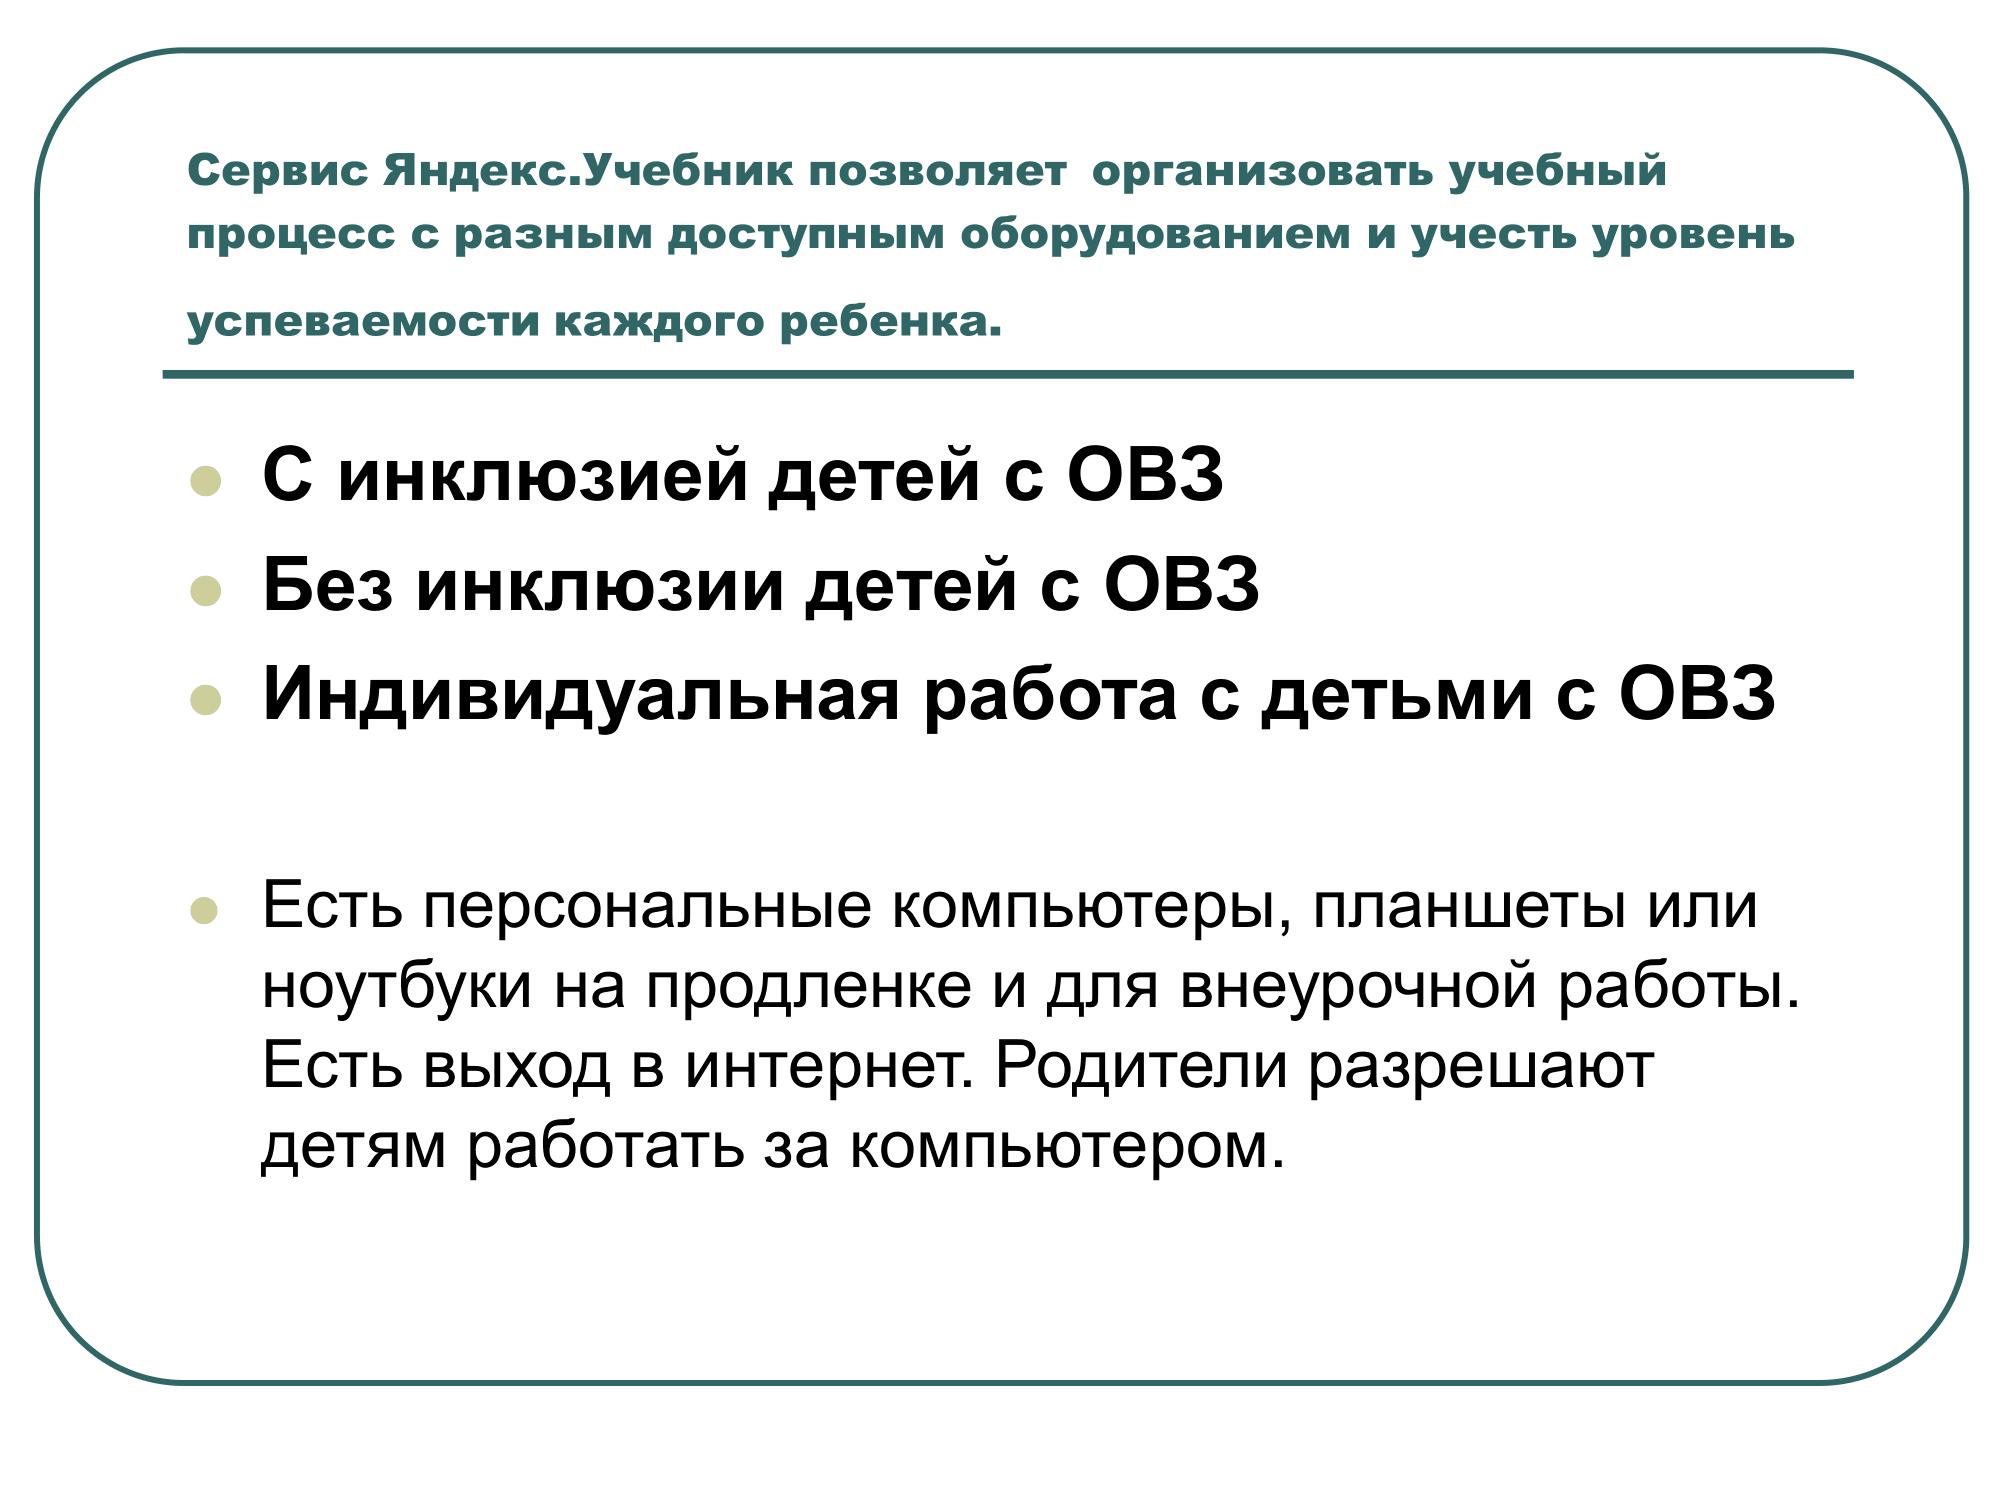 яндекс учебник. Презентация к докладу Васильченко Т.В._0012